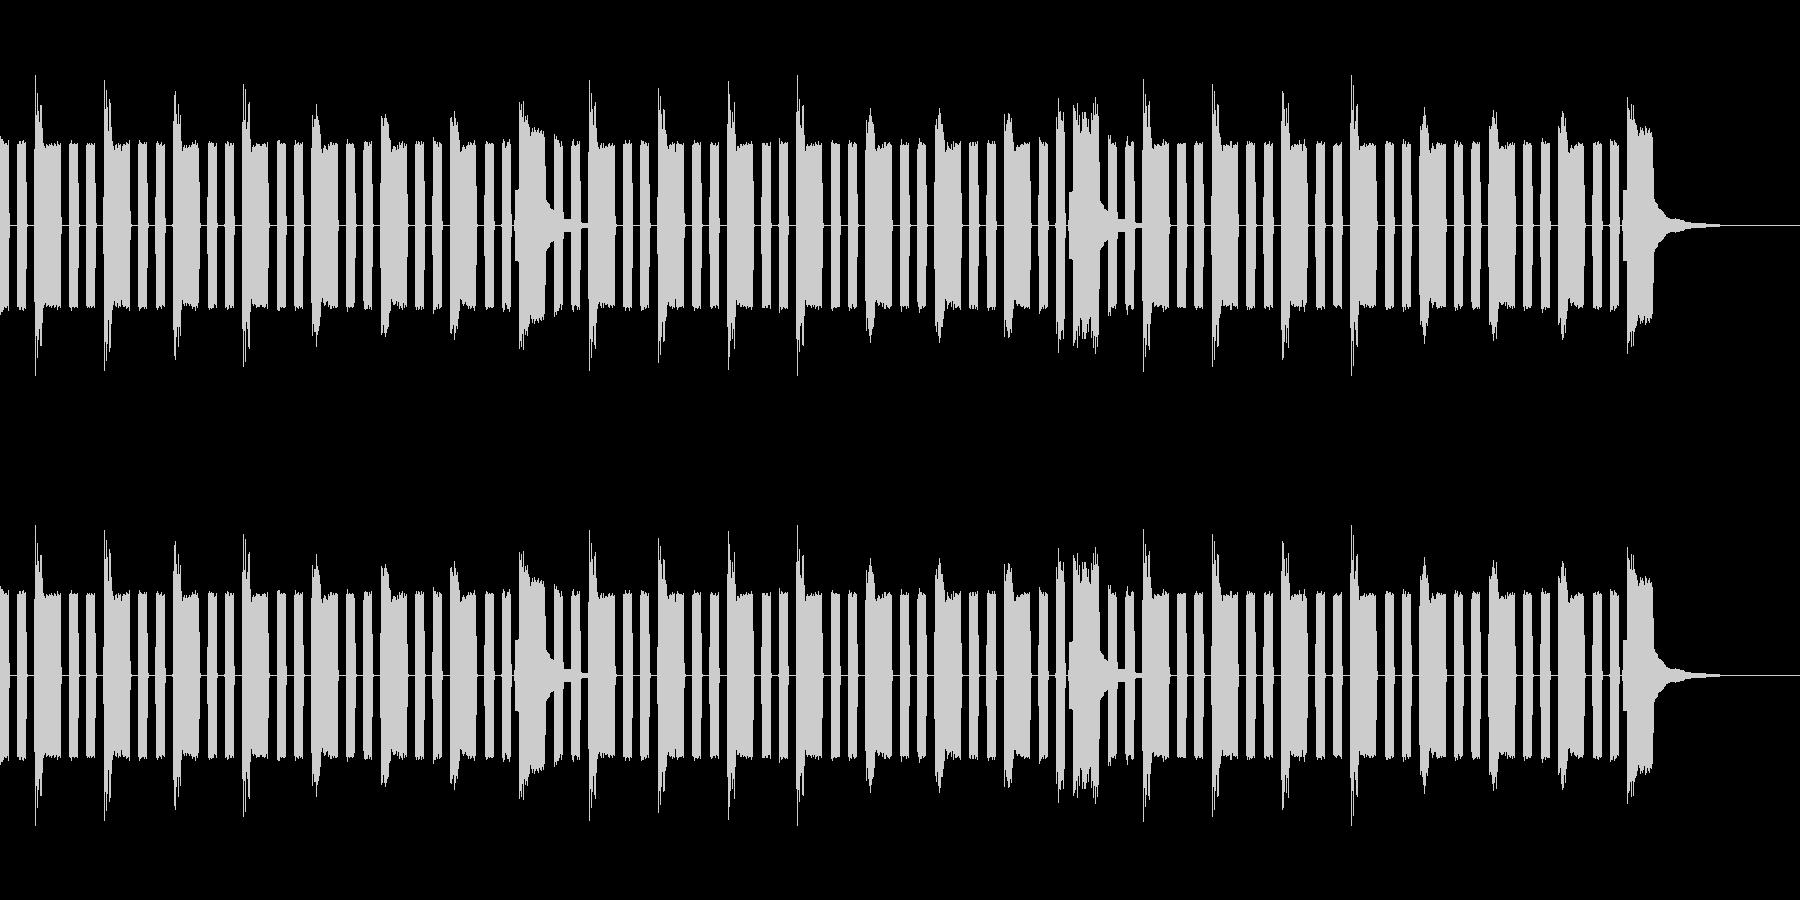 チップチューン風ループの未再生の波形